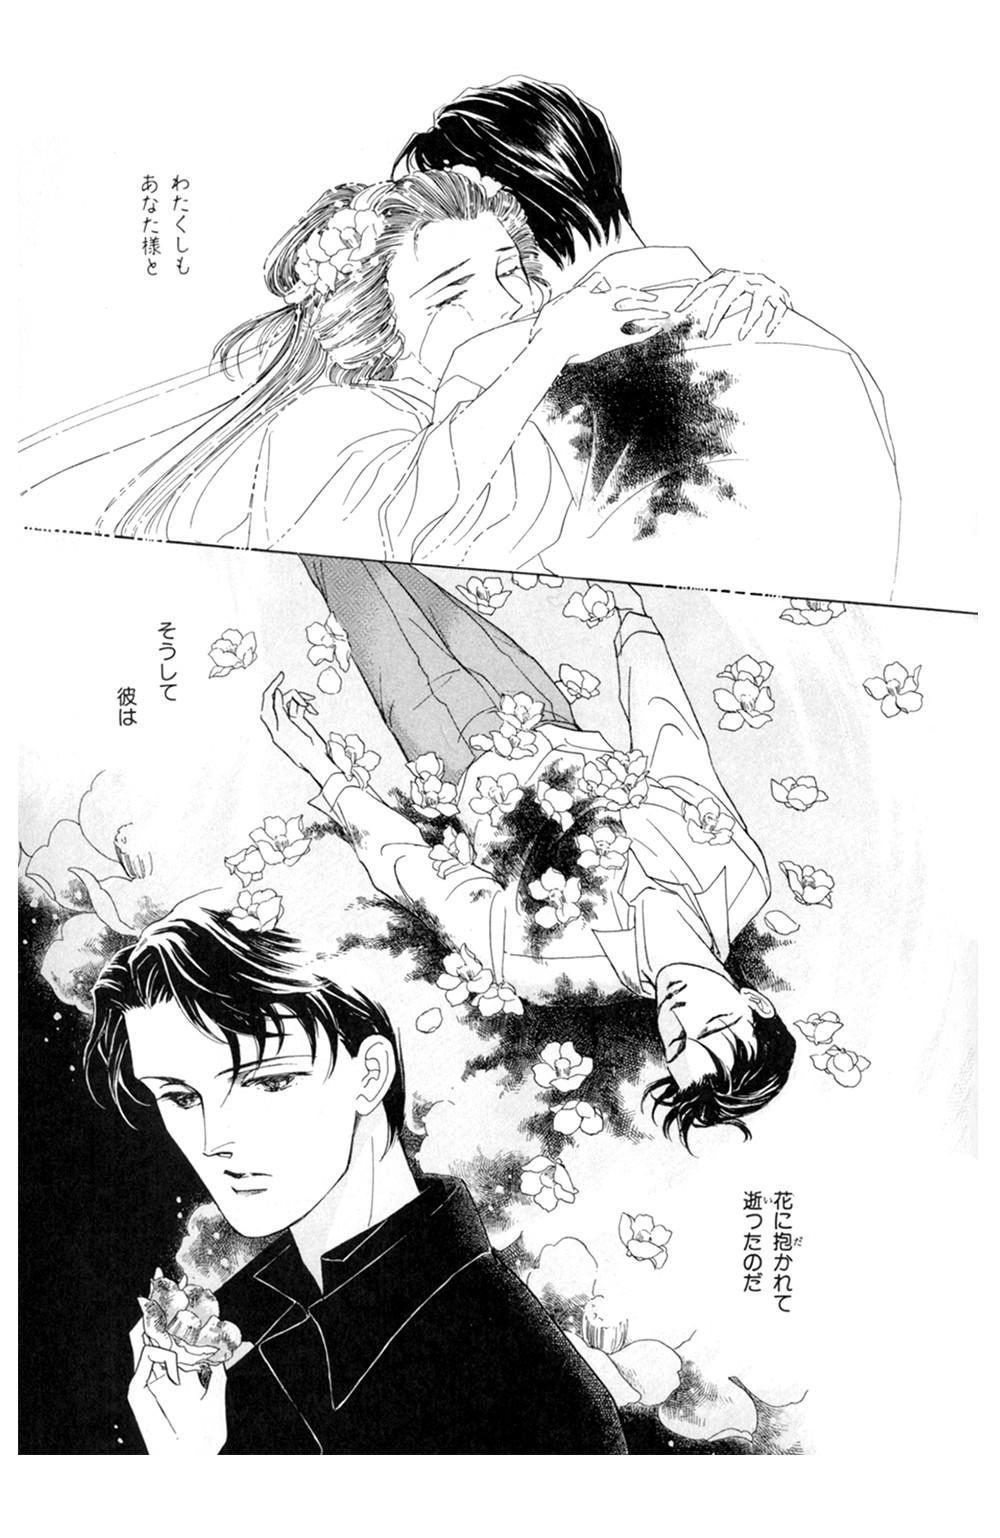 雨柳堂夢咄 第1話「花椿の恋」②uryu23.jpg